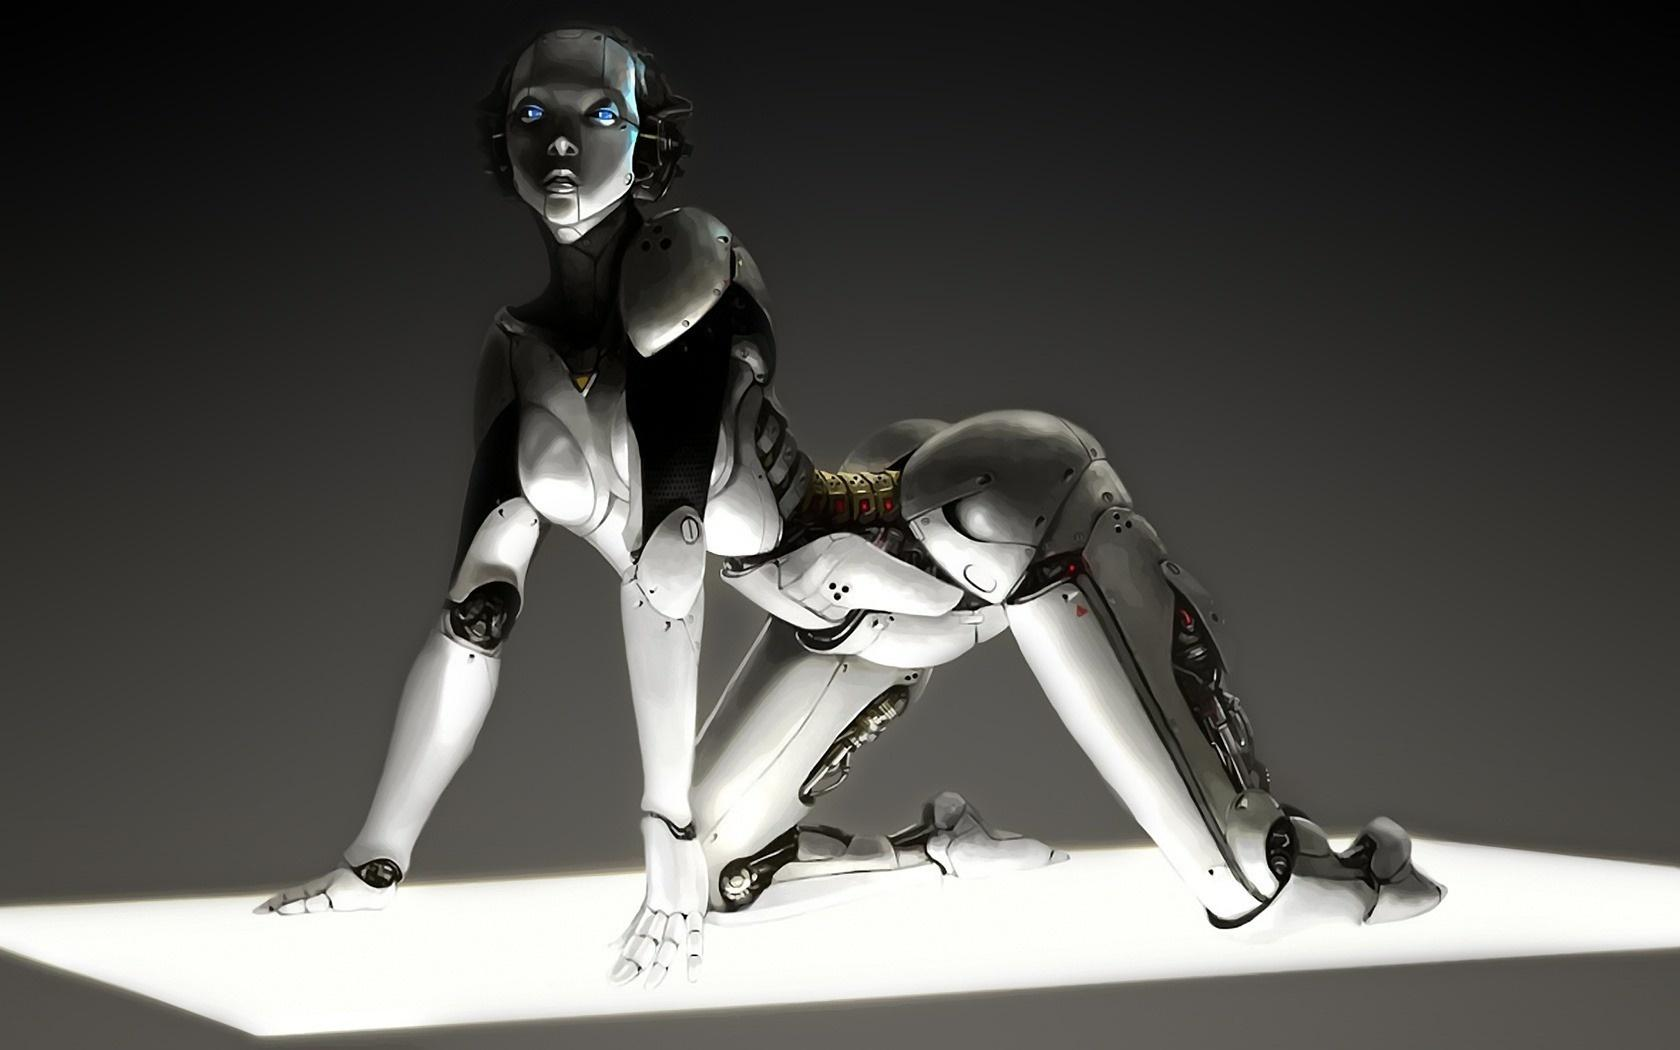 Секс-роботов хотят обучить отказывать человеку